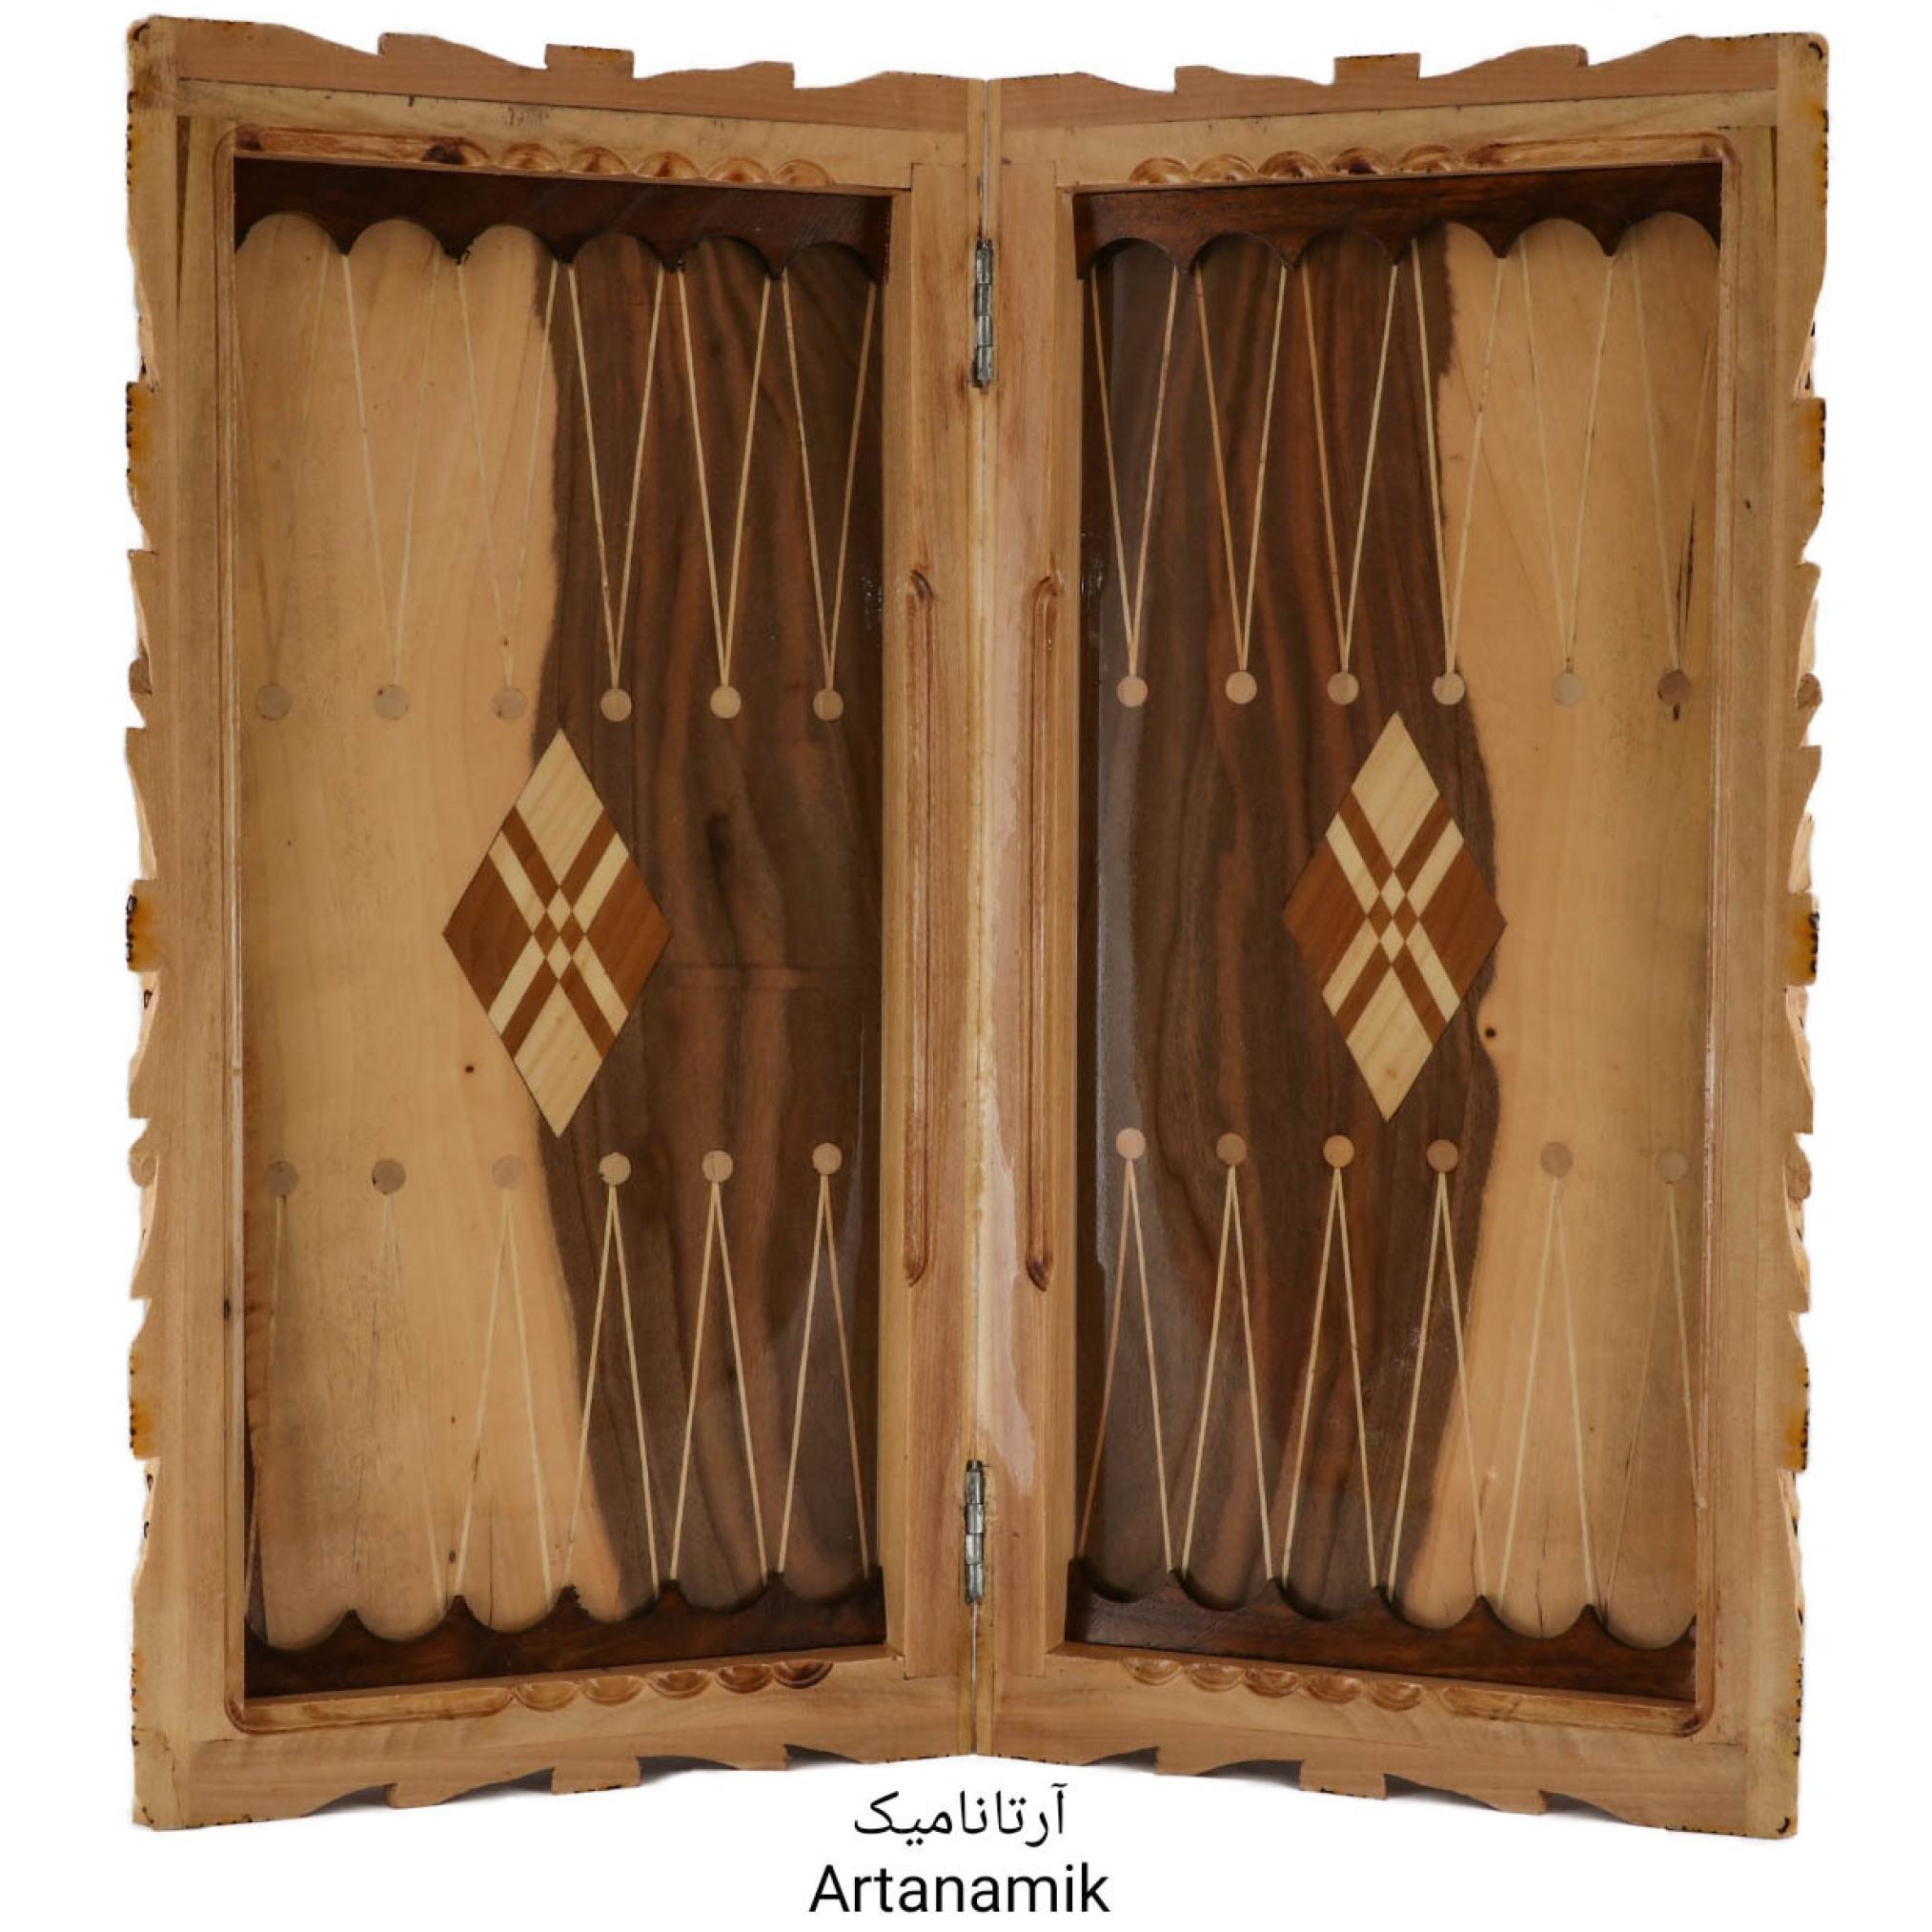 داخل تخته نرد و شطرنج منبت کاری شده، تخته نرد کادویی و تخته نرد نفیس، ساخته شده از چوب گردو